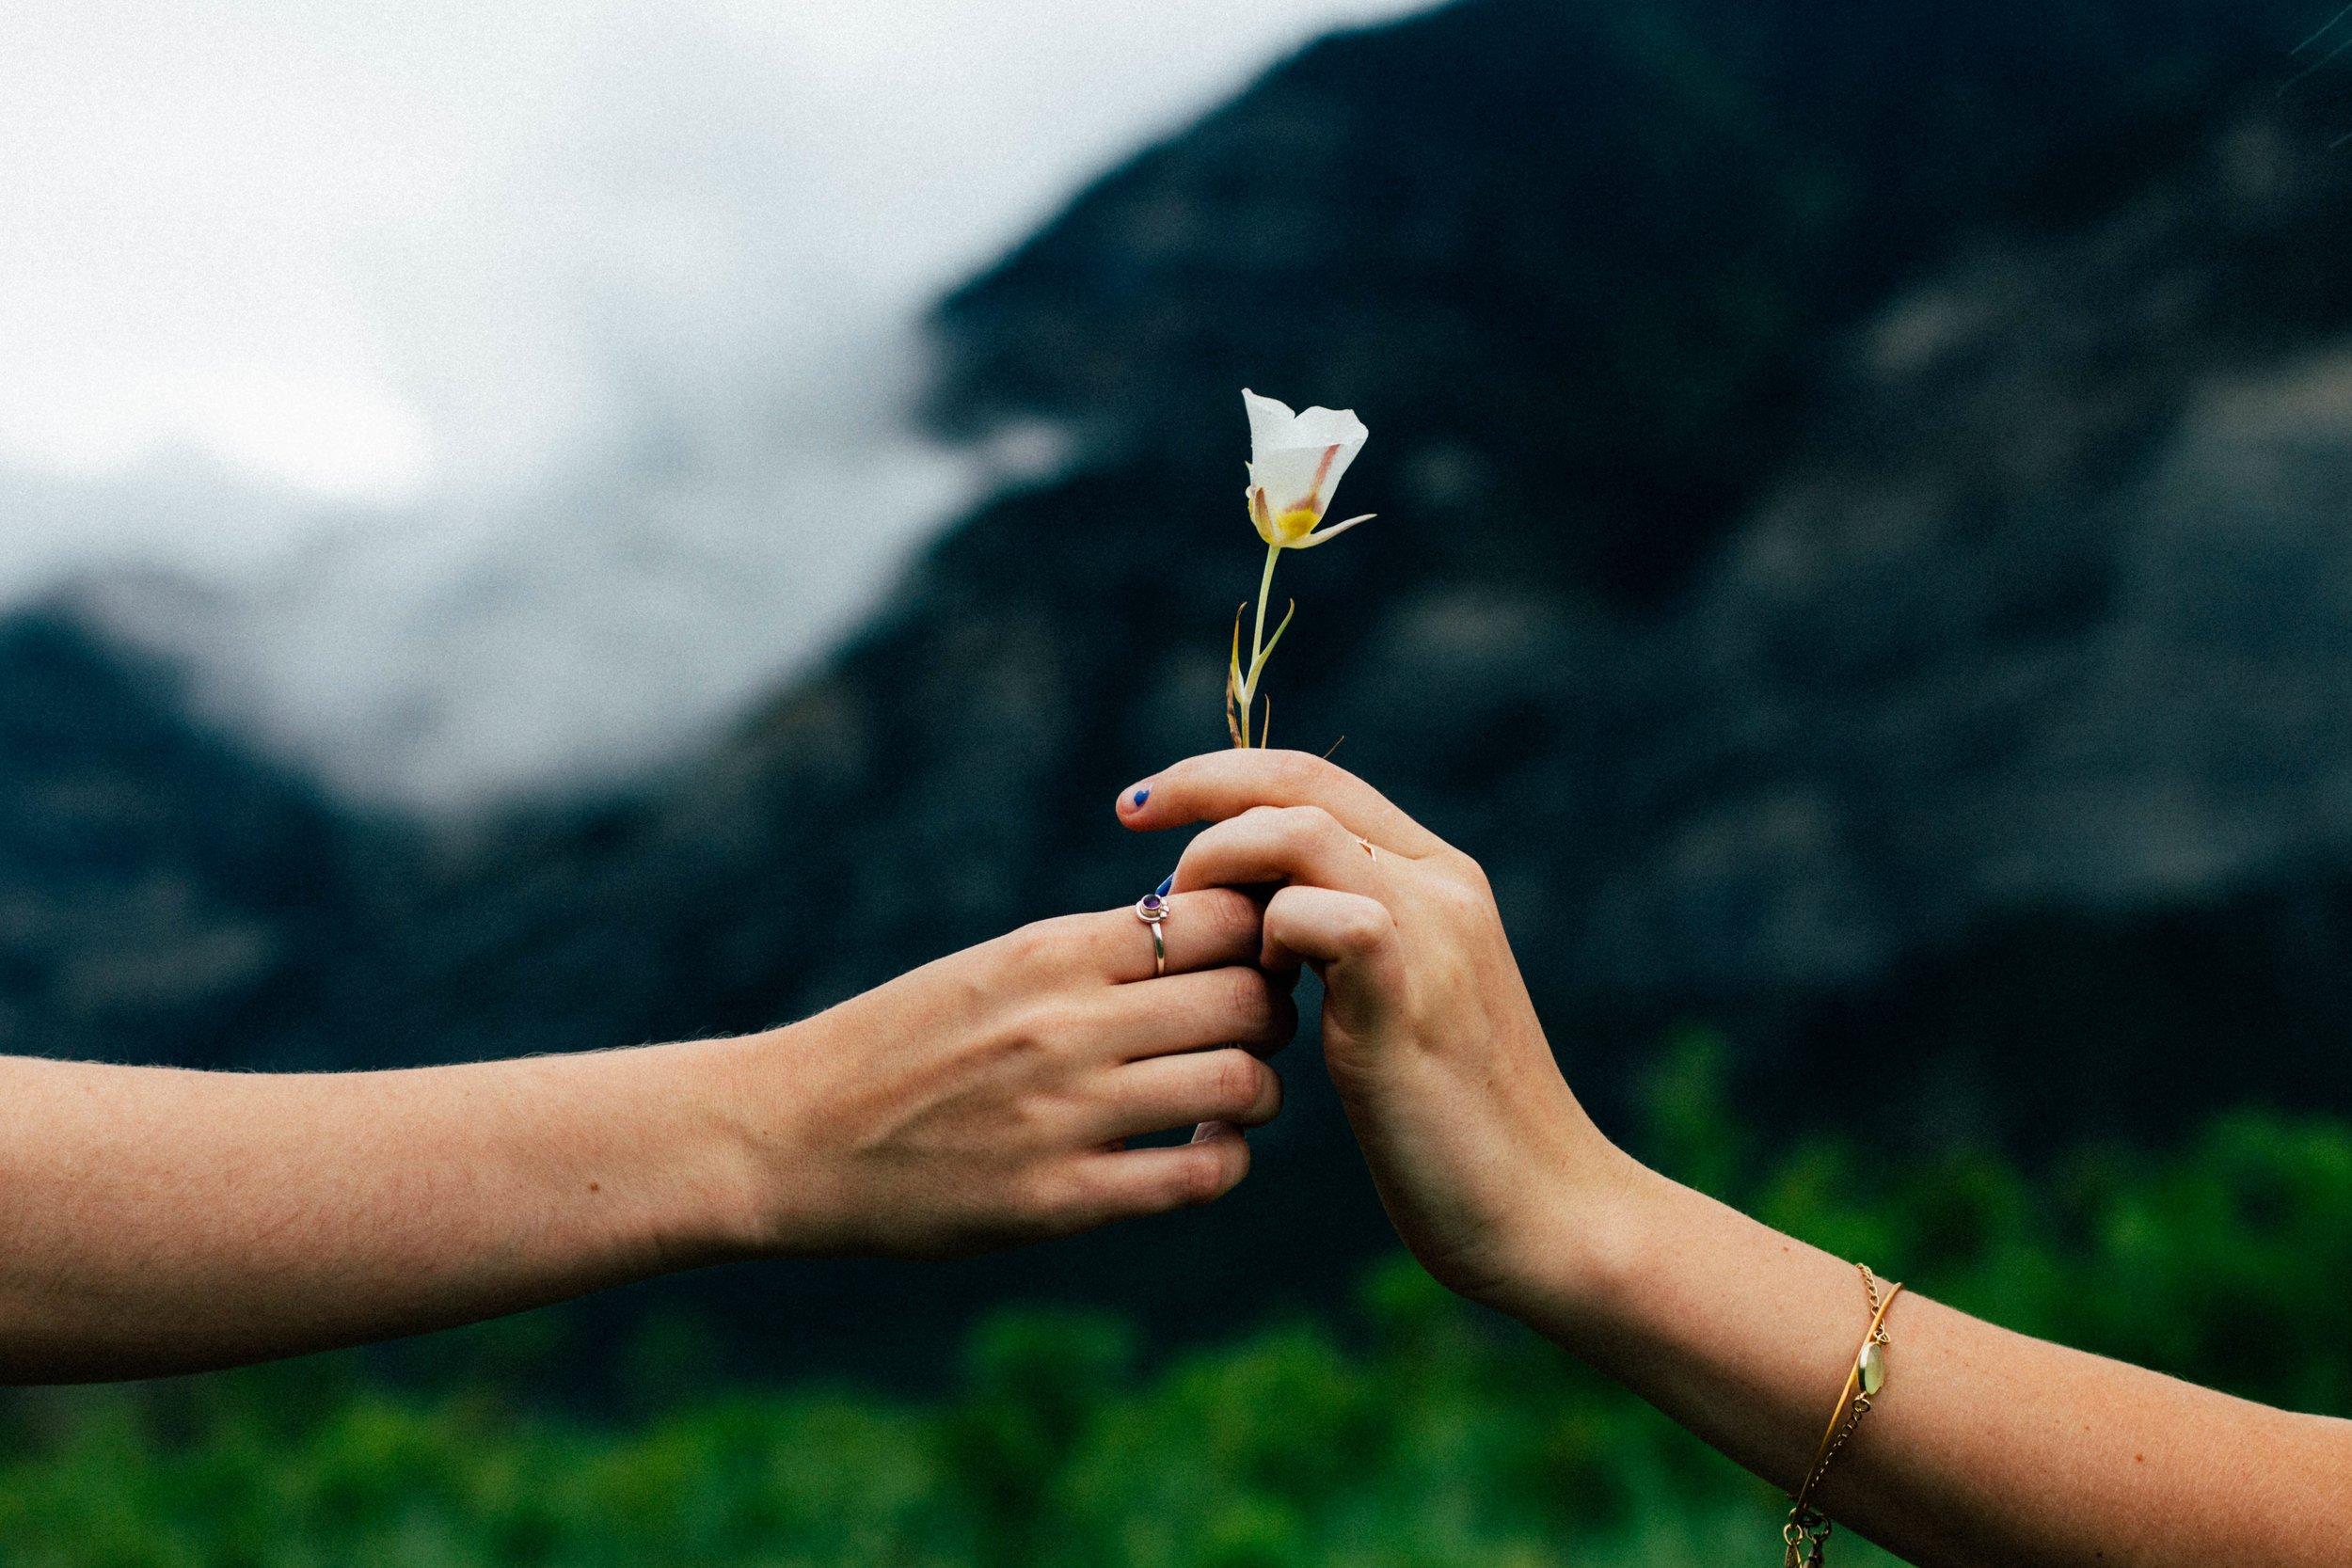 flower-charity-giving.jpg